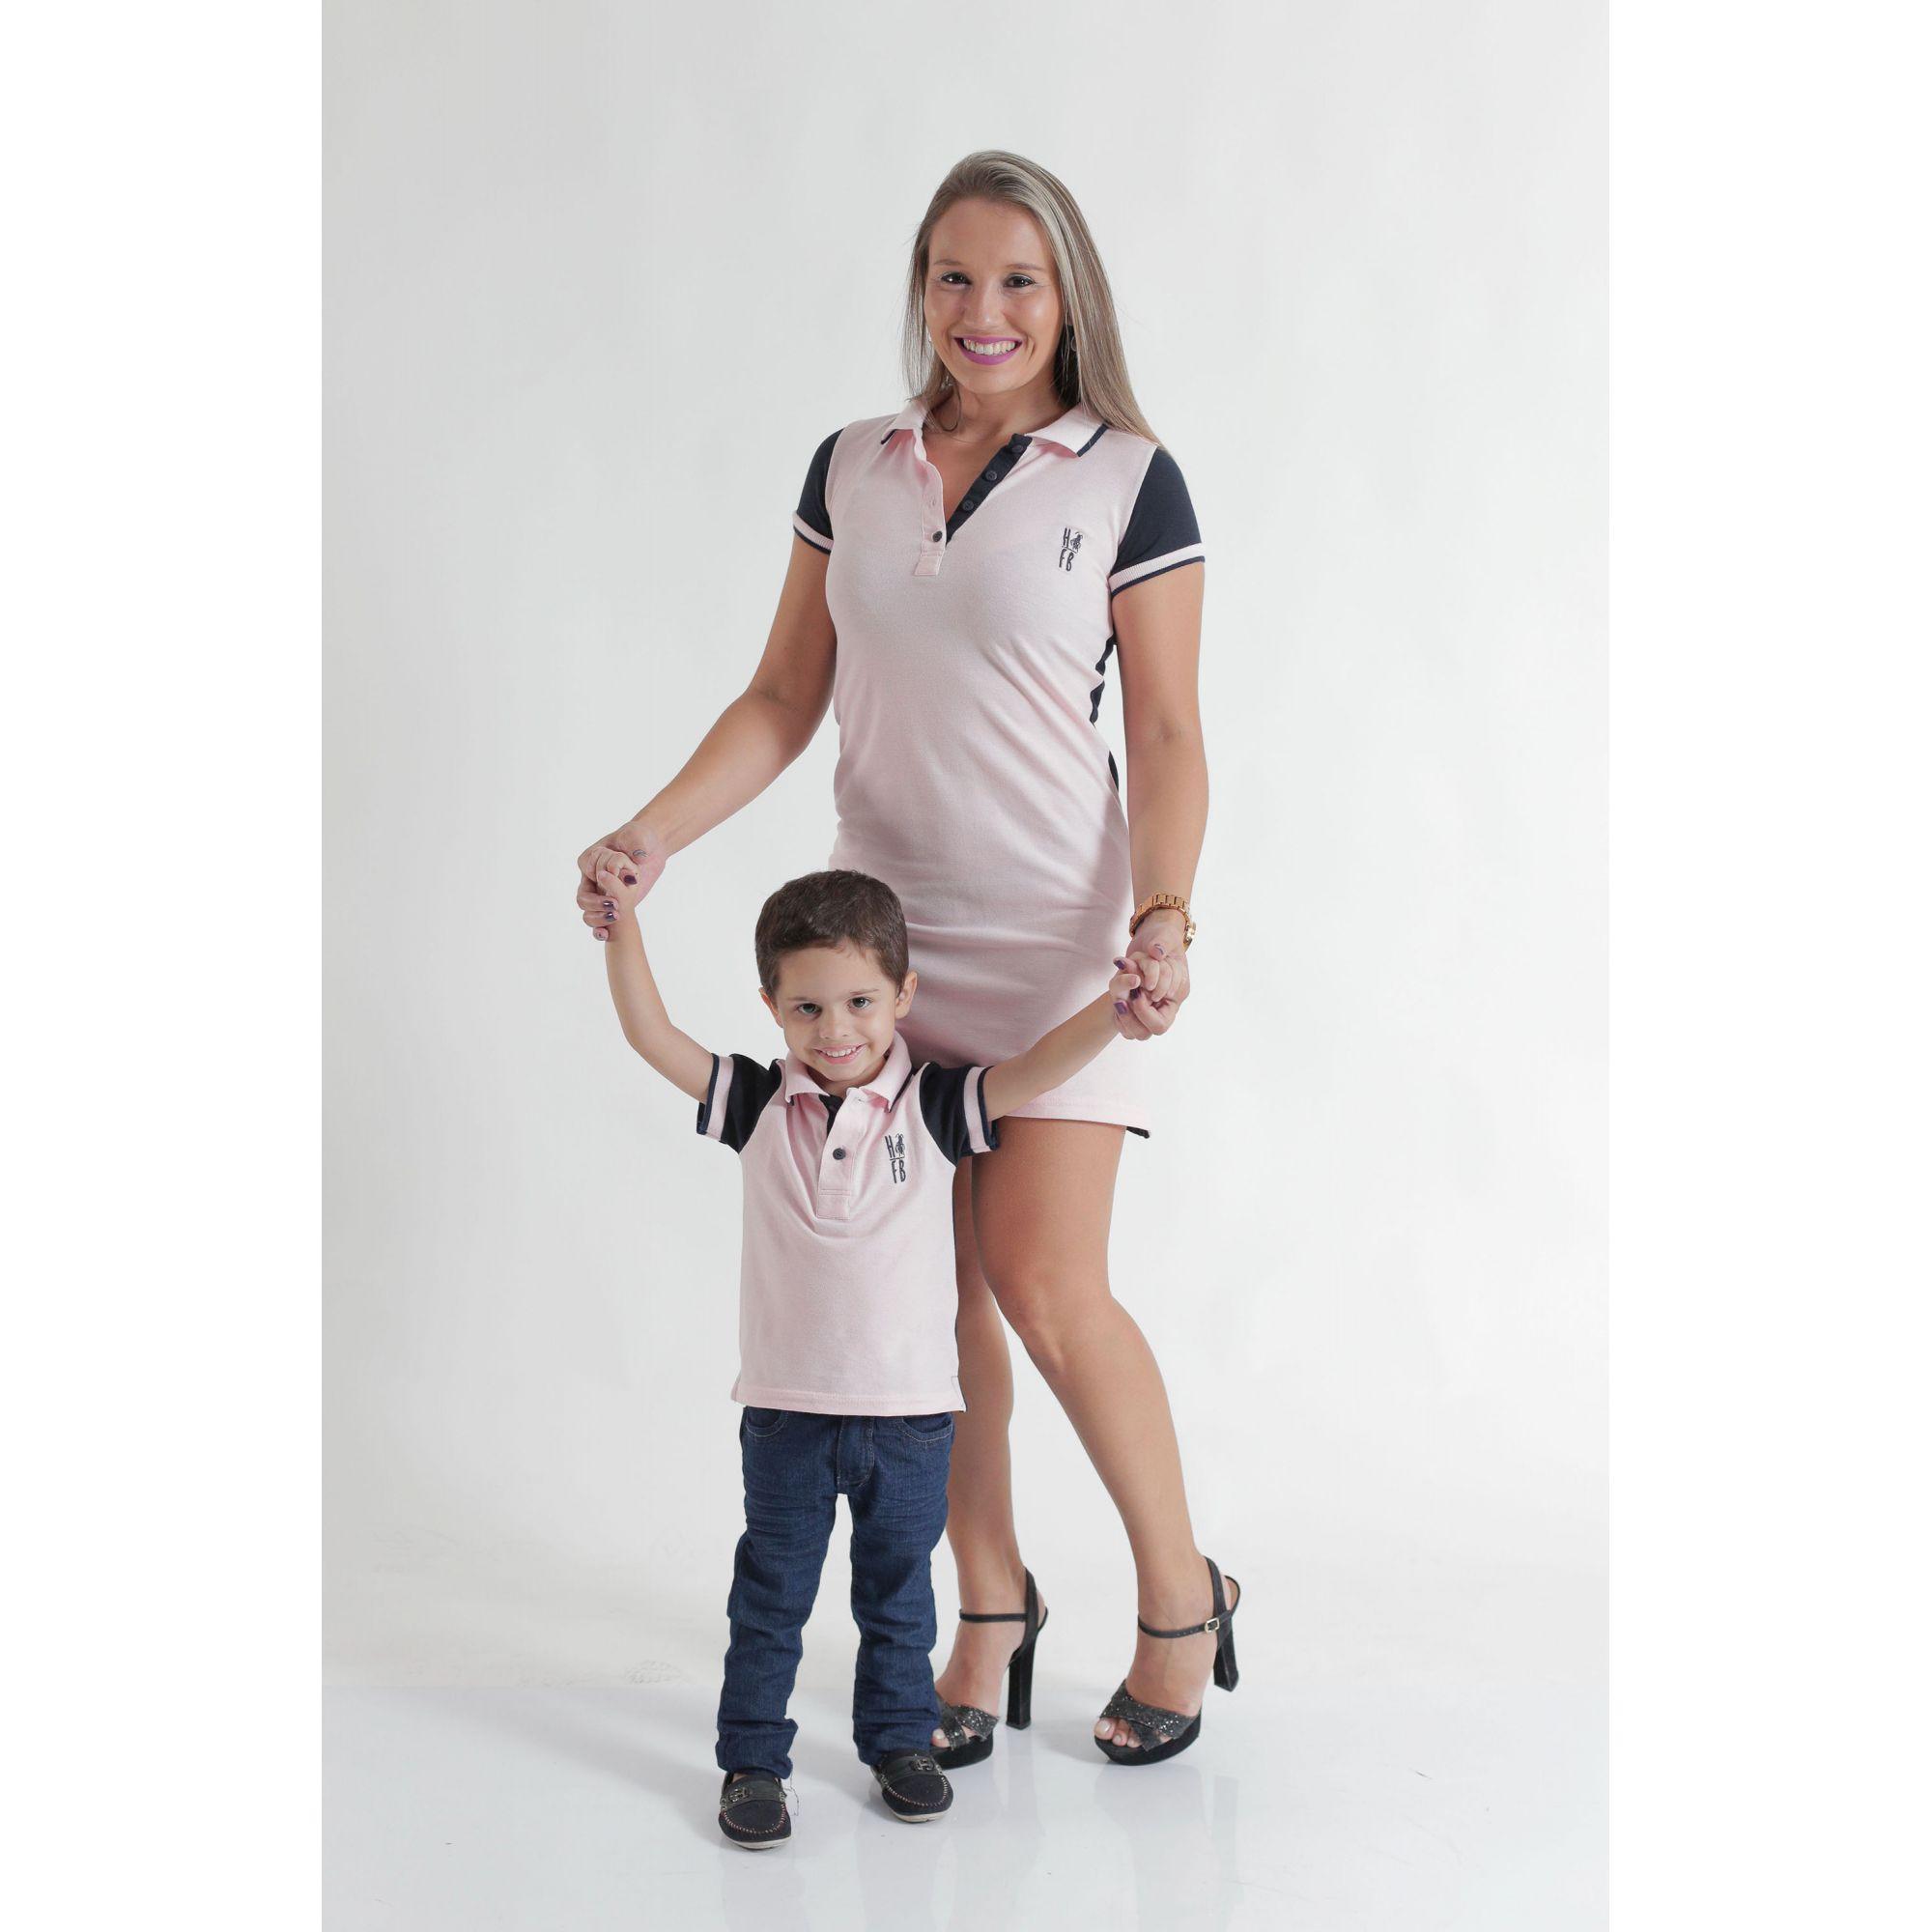 MÃE E FILHO > Kit 02 peças Vestido e Camisa ou Body Polo Rosa com Azul [Coleção Tal Mãe Tal Filho]